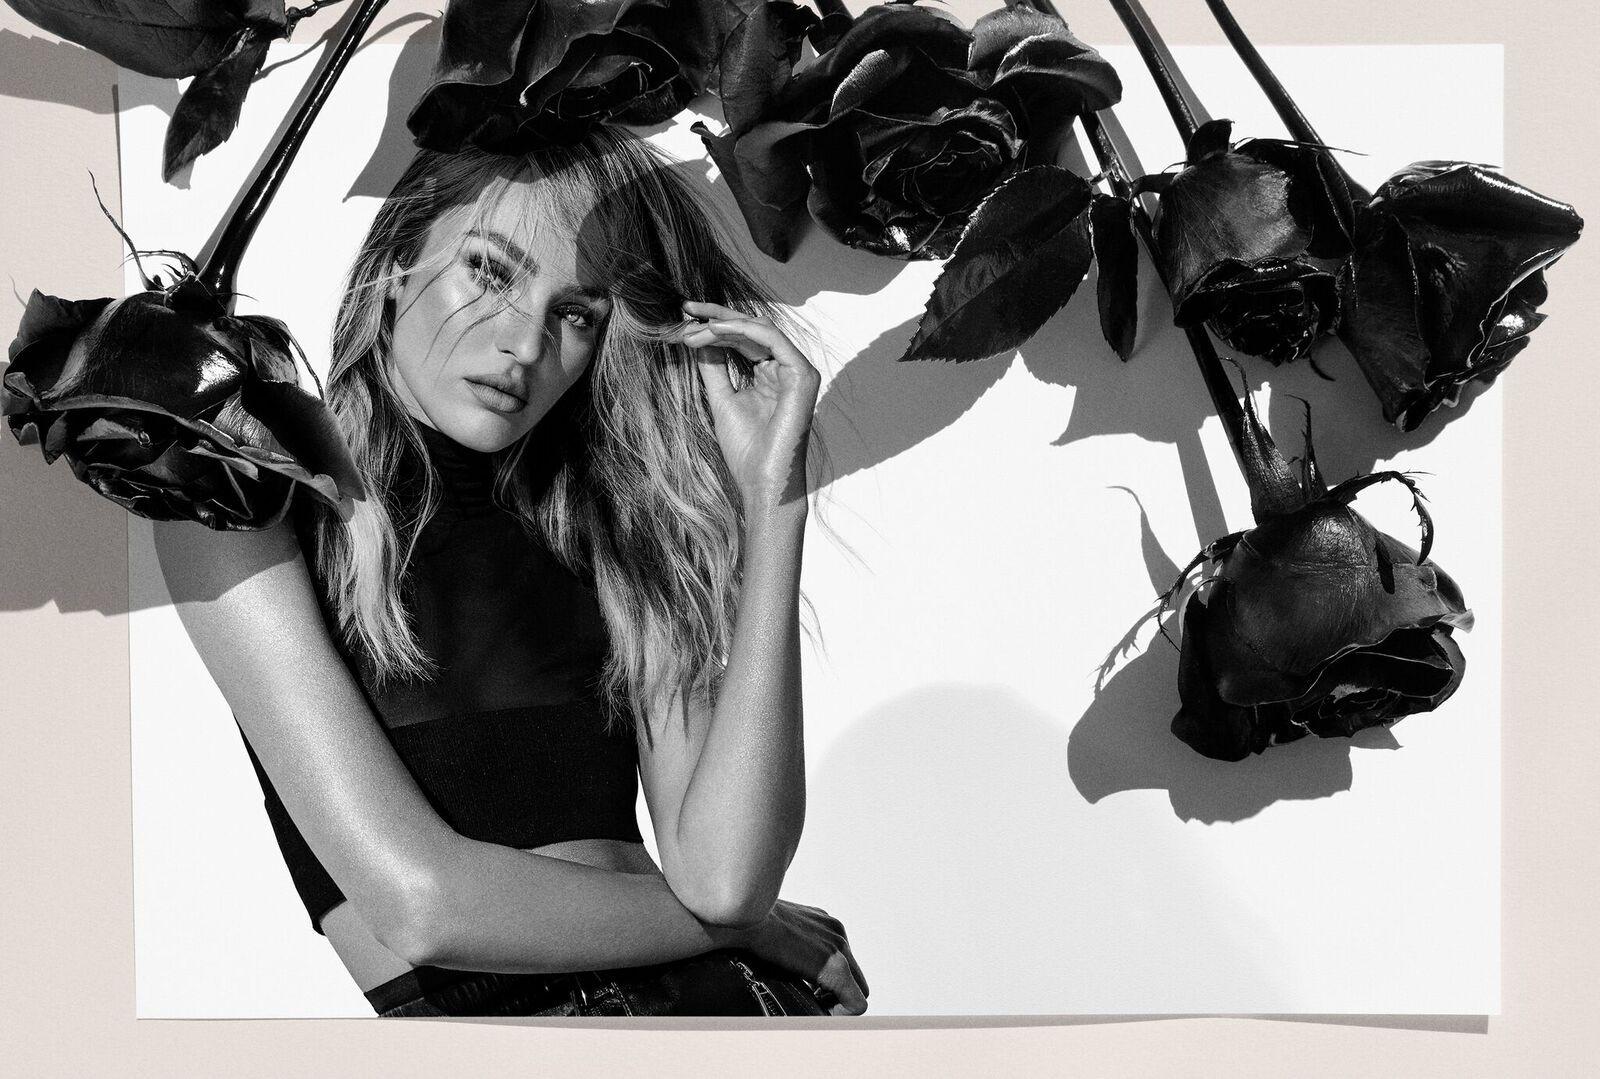 Candice Swanepoel ilustra a nova campanha de verão da Animale (Foto: Divulgação)